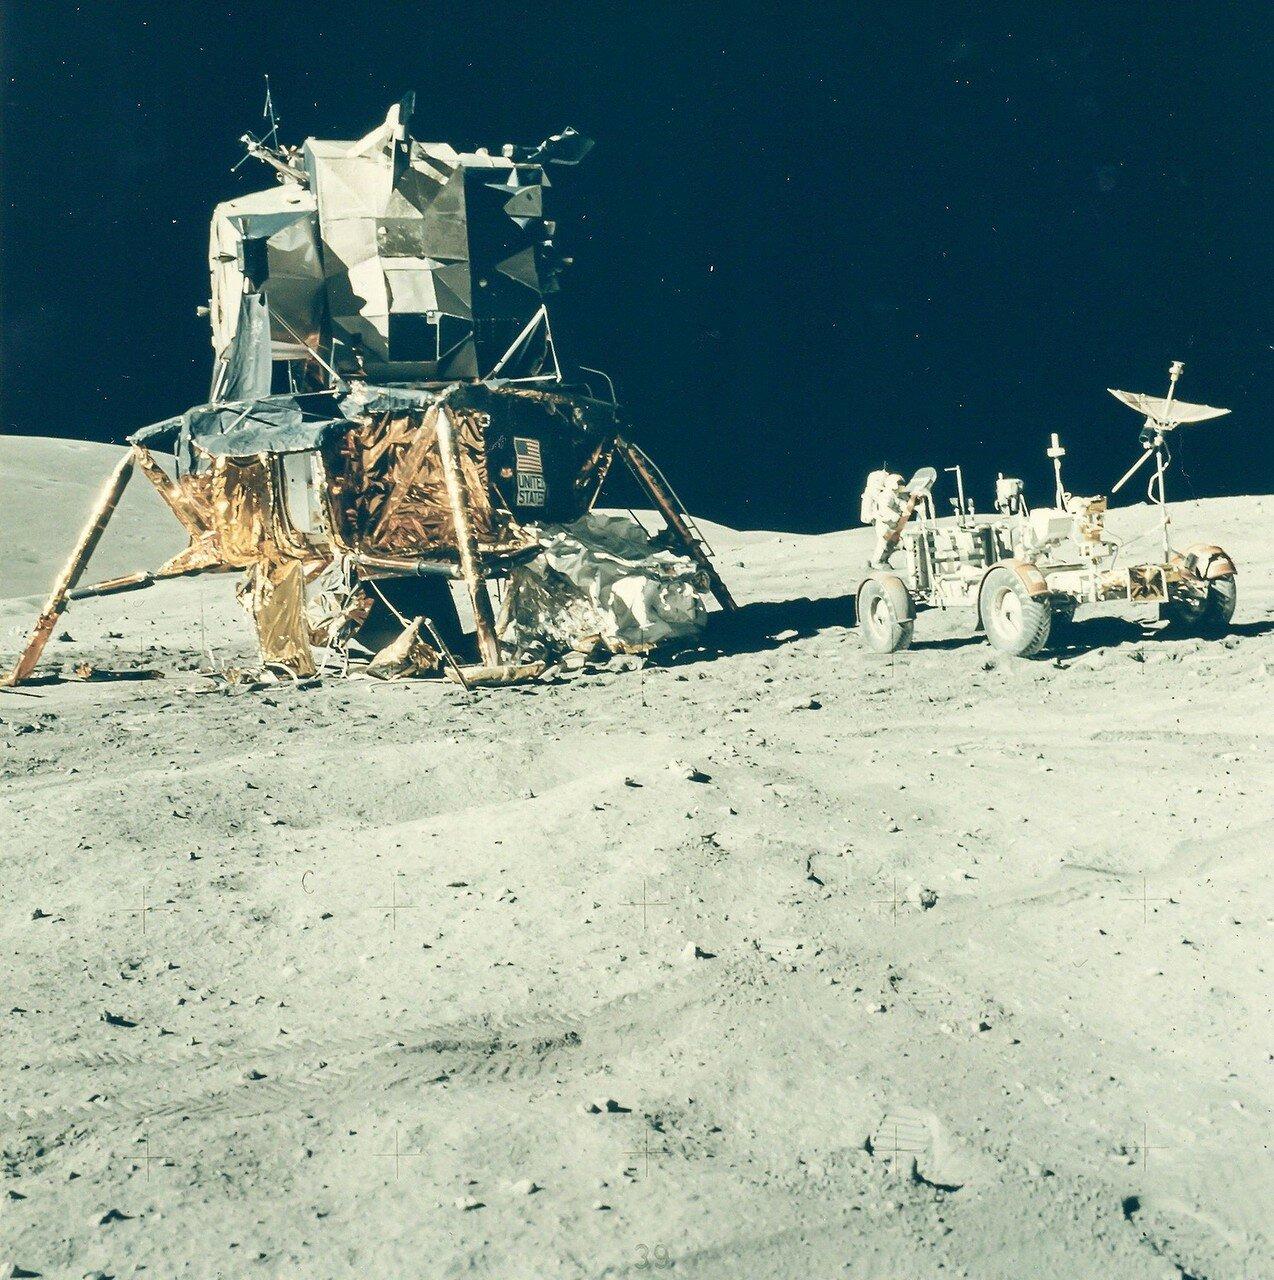 Первоочередной задачей астронавтов была выгрузка «Лунного Ровера». Всё прошло нормально. На снимке: Джон Янг возле Ровера на стоянке рядом с ЛМ